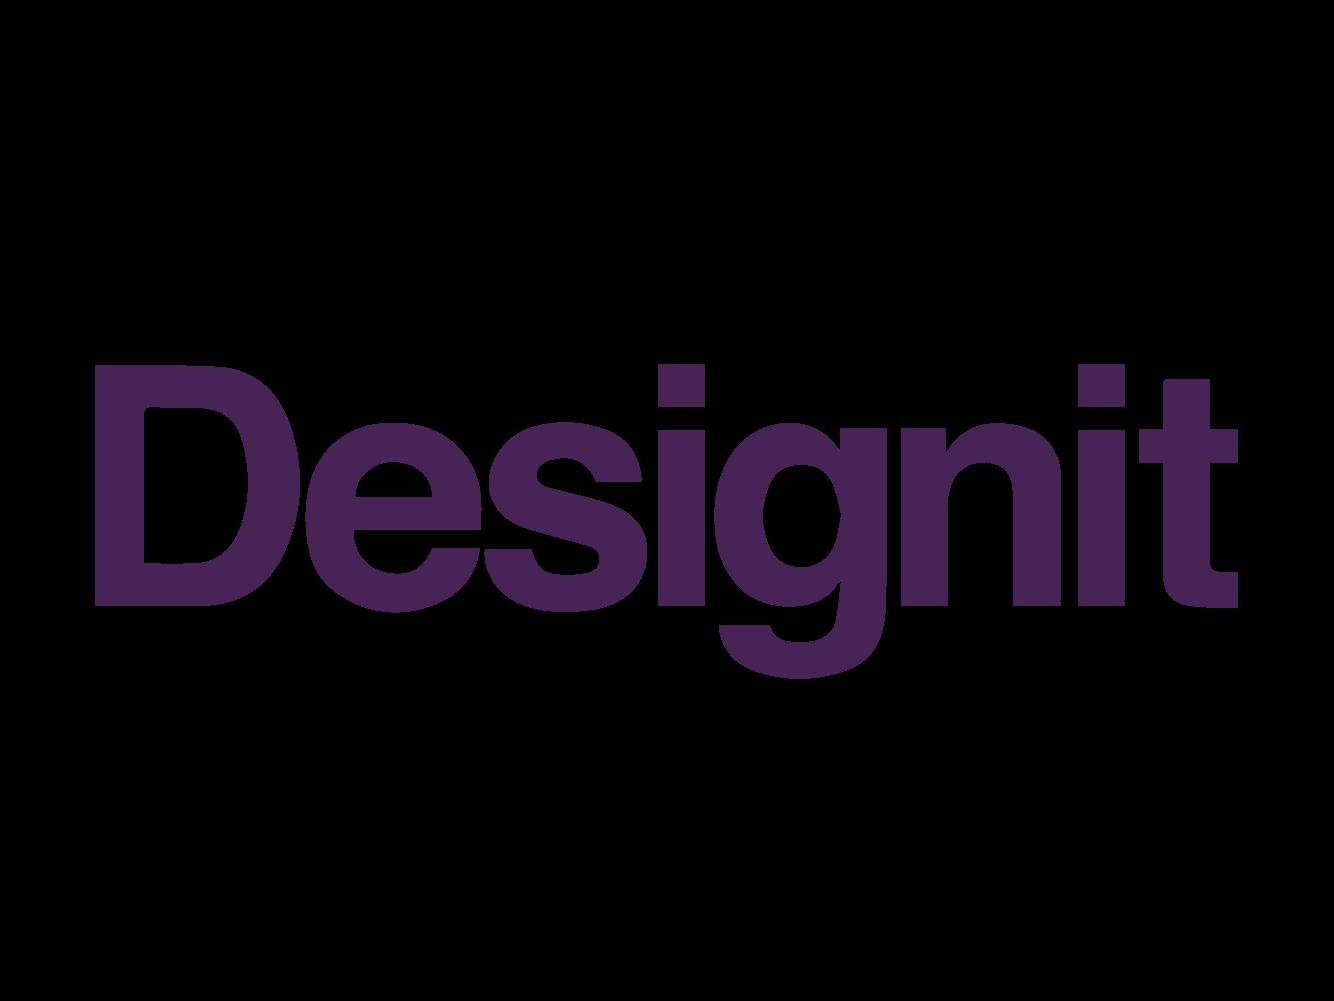 logos_workshops-01.png